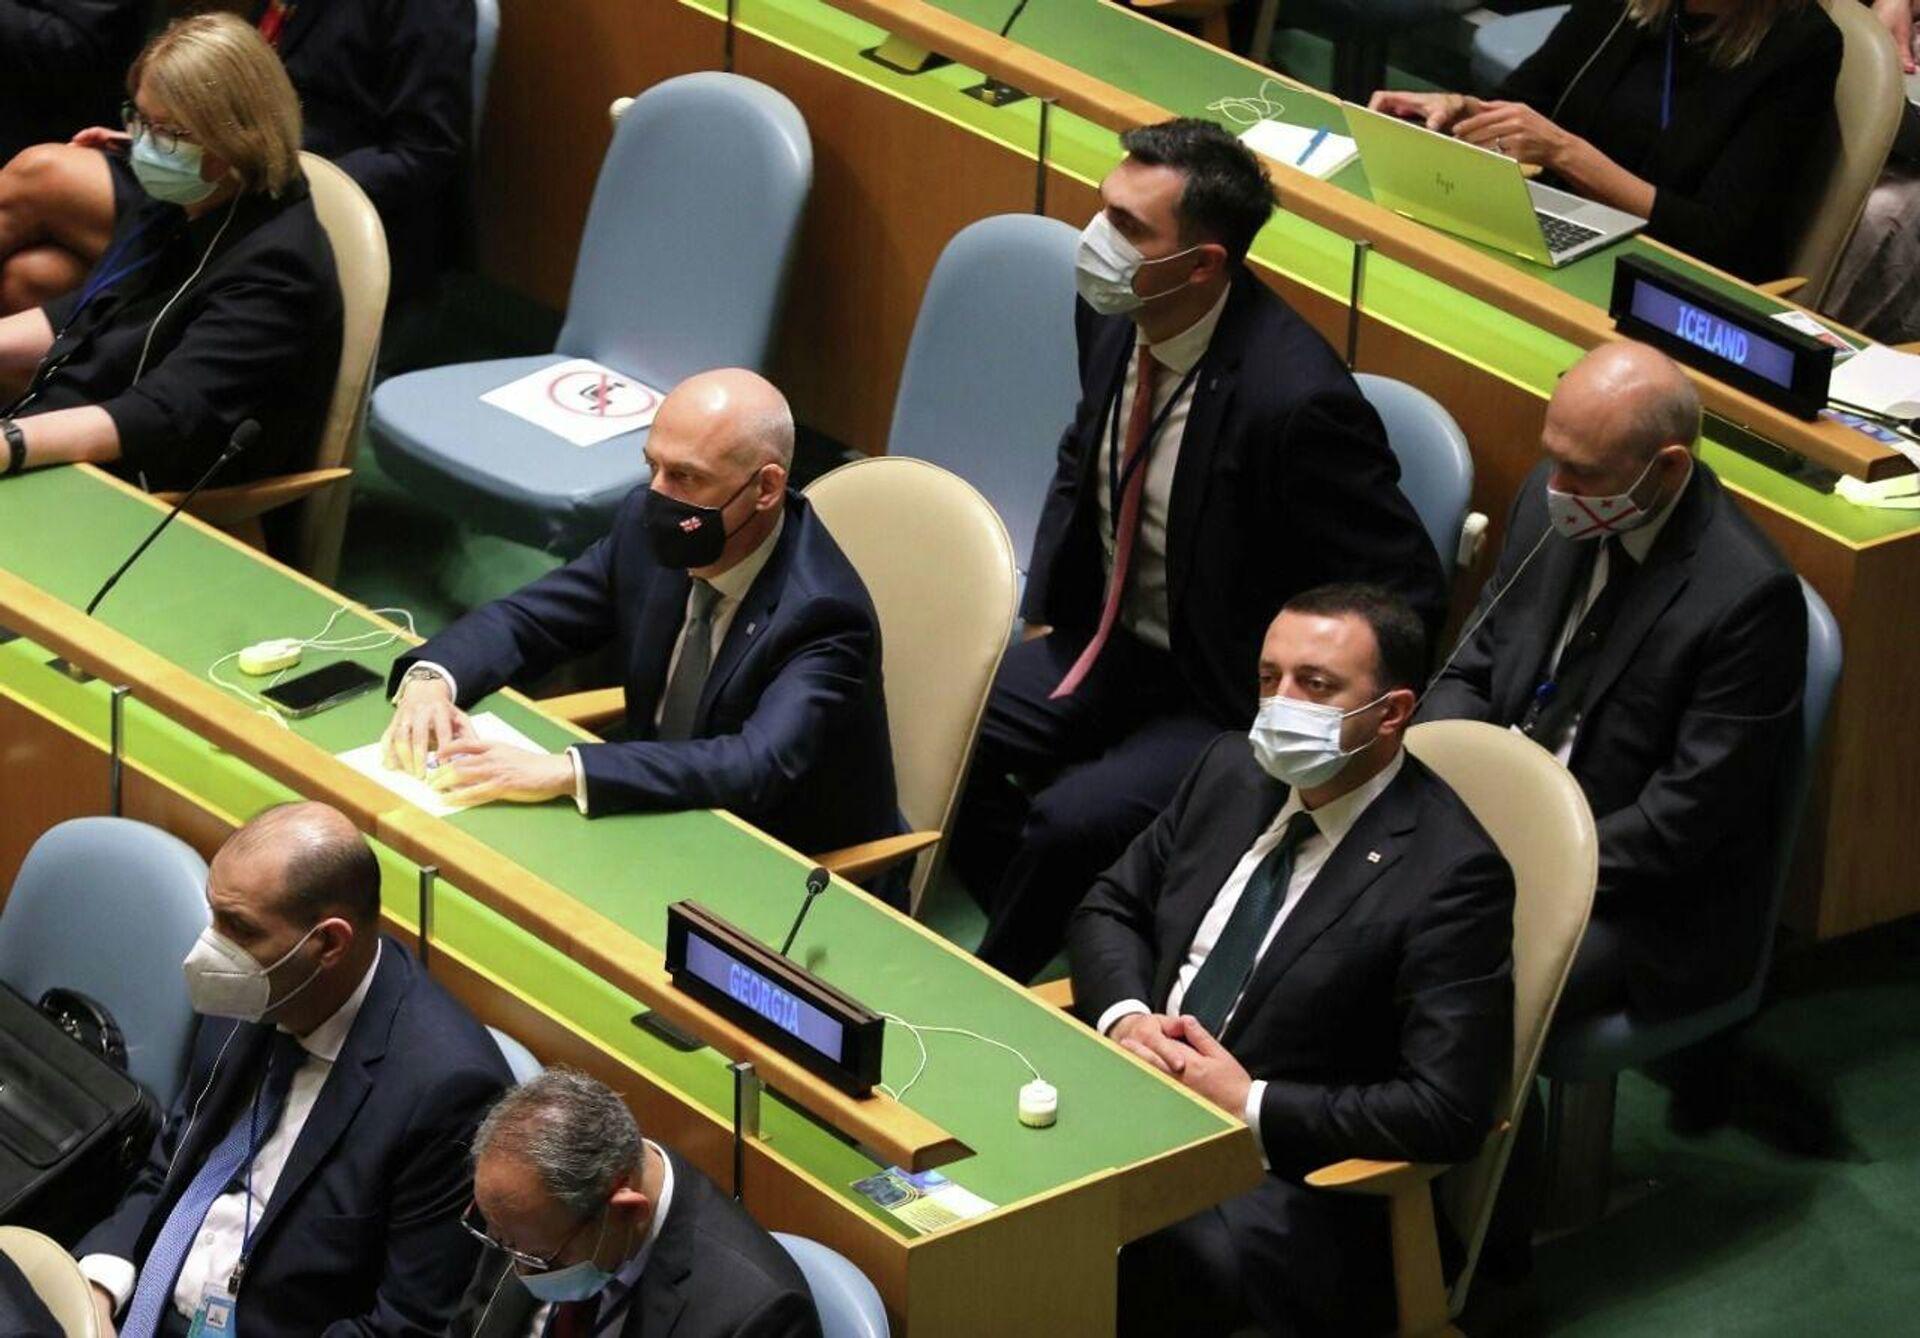 Ираклий Гарибашвили на сессии Генеральной Ассамблеи ООН - Sputnik Грузия, 1920, 23.09.2021